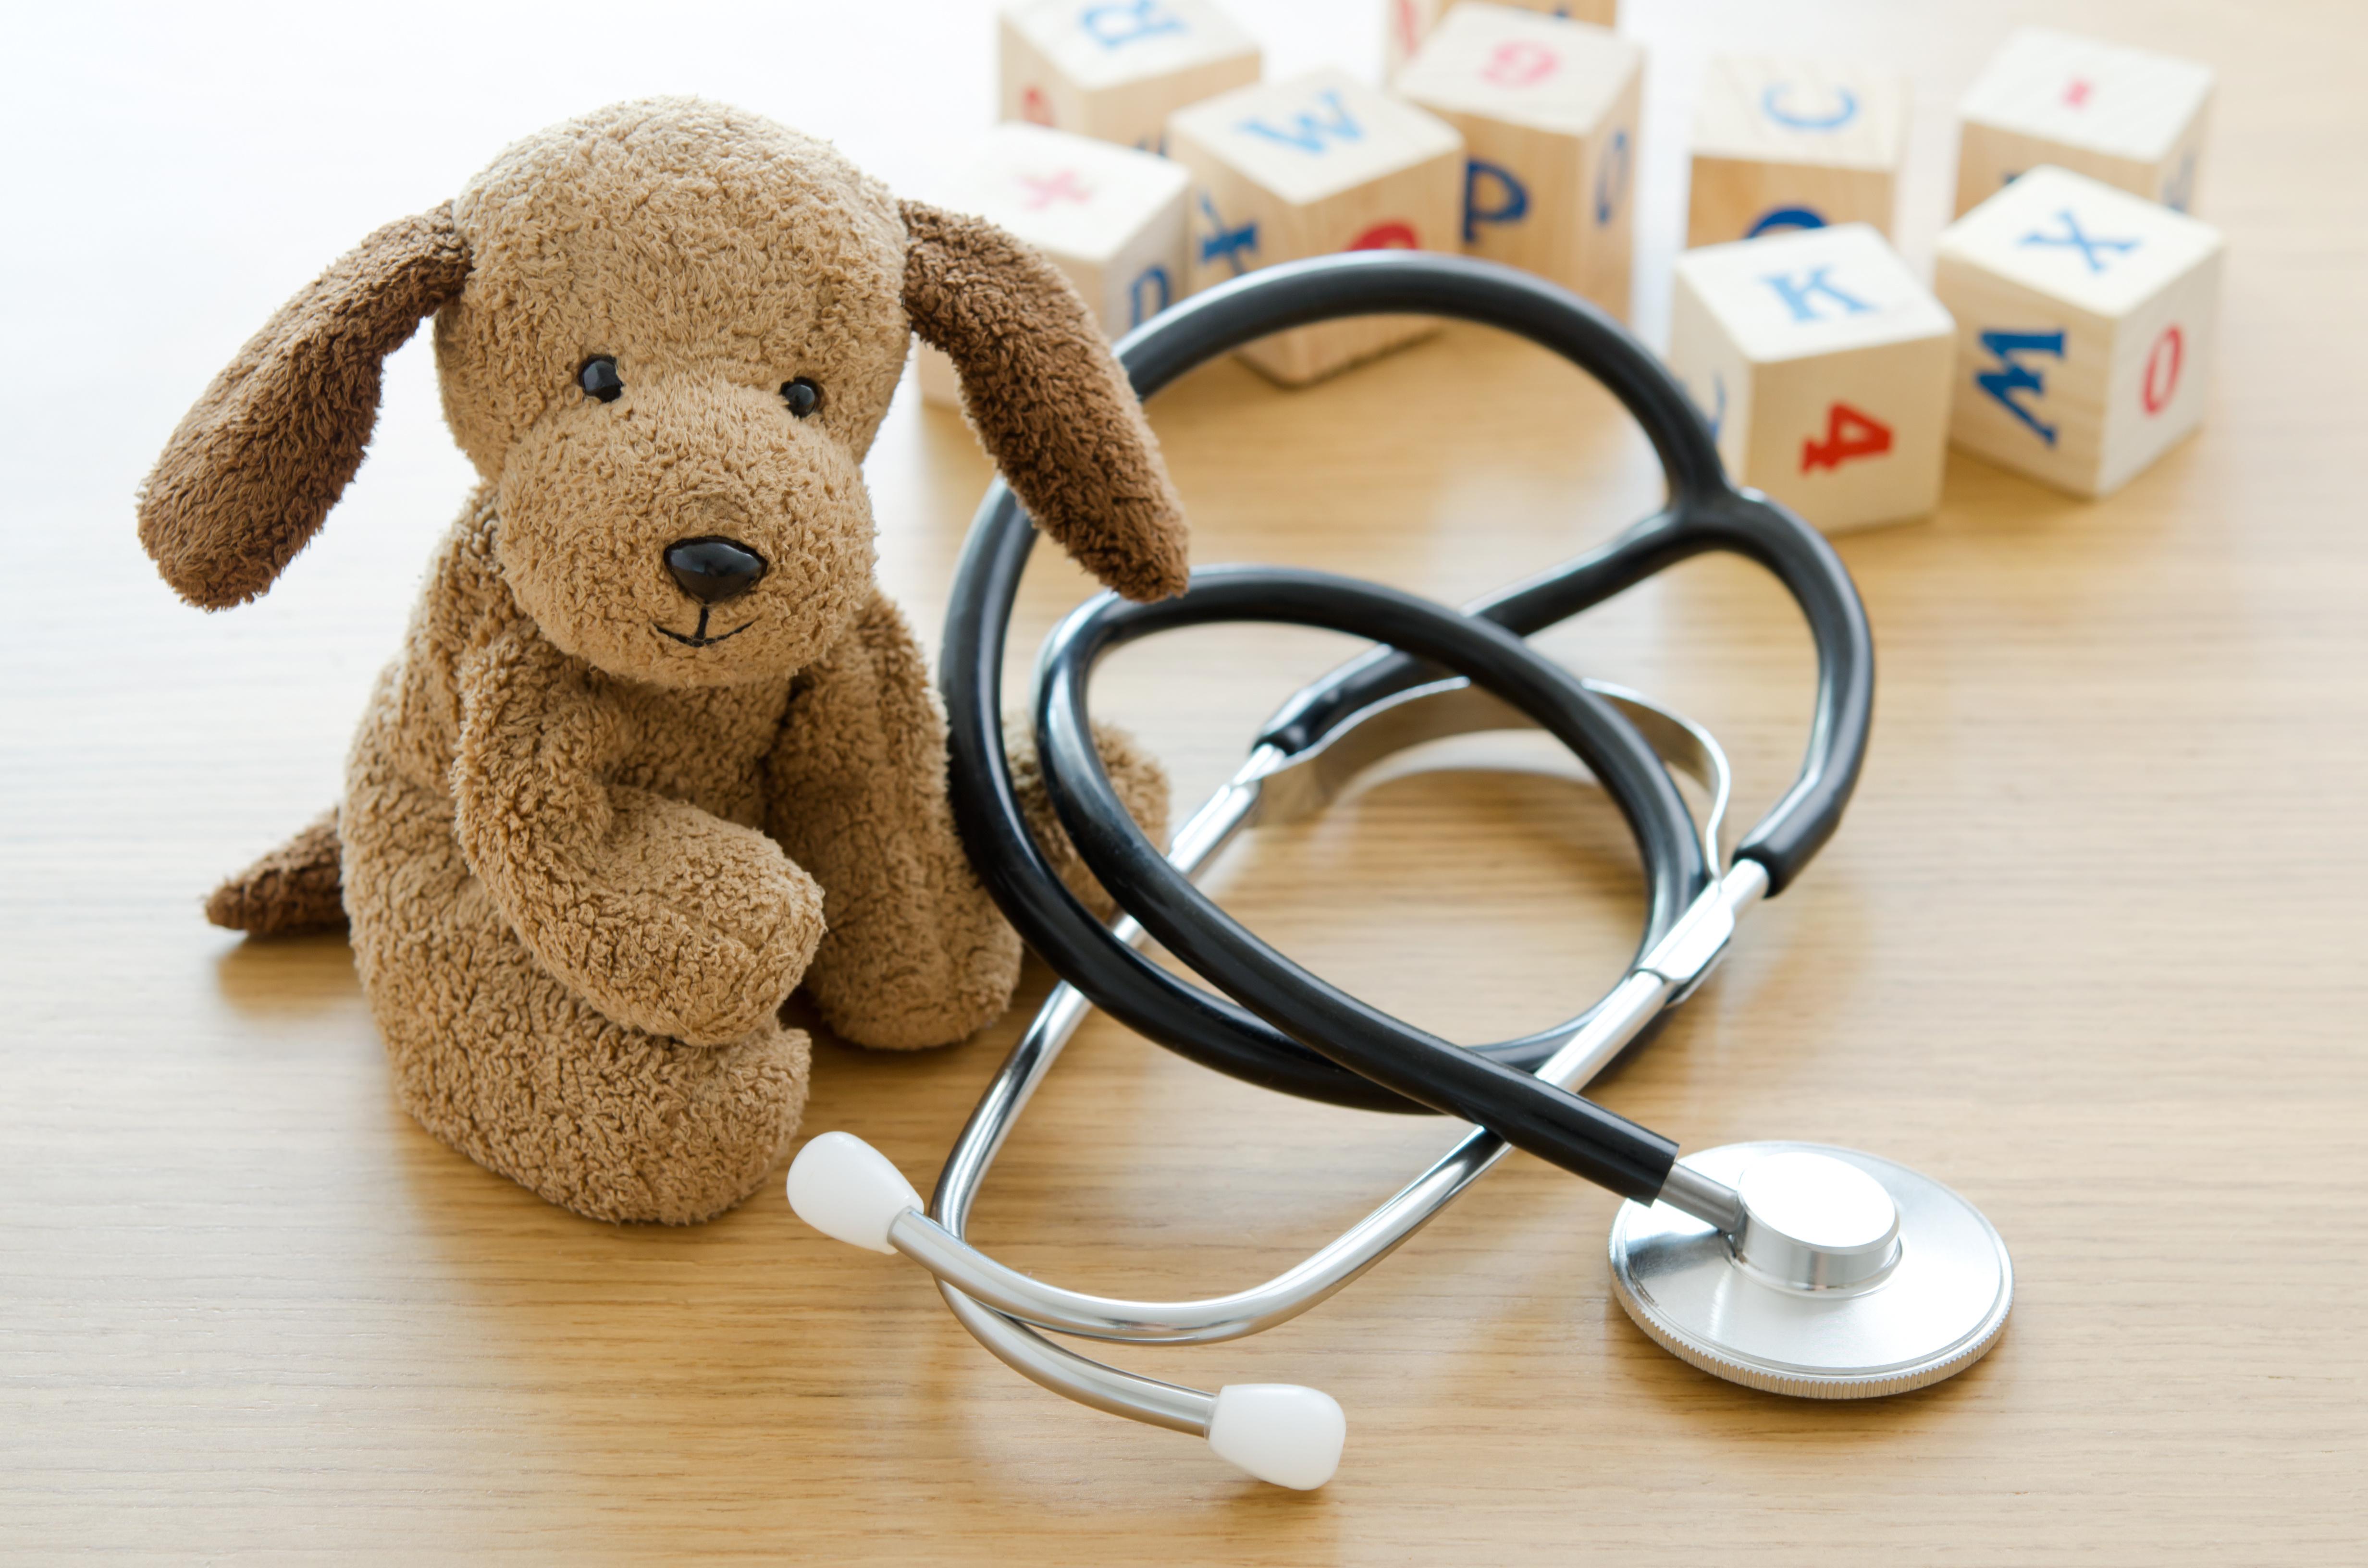 Brněnská sbírka vyzývá k darování hraček dětem v nemocnici